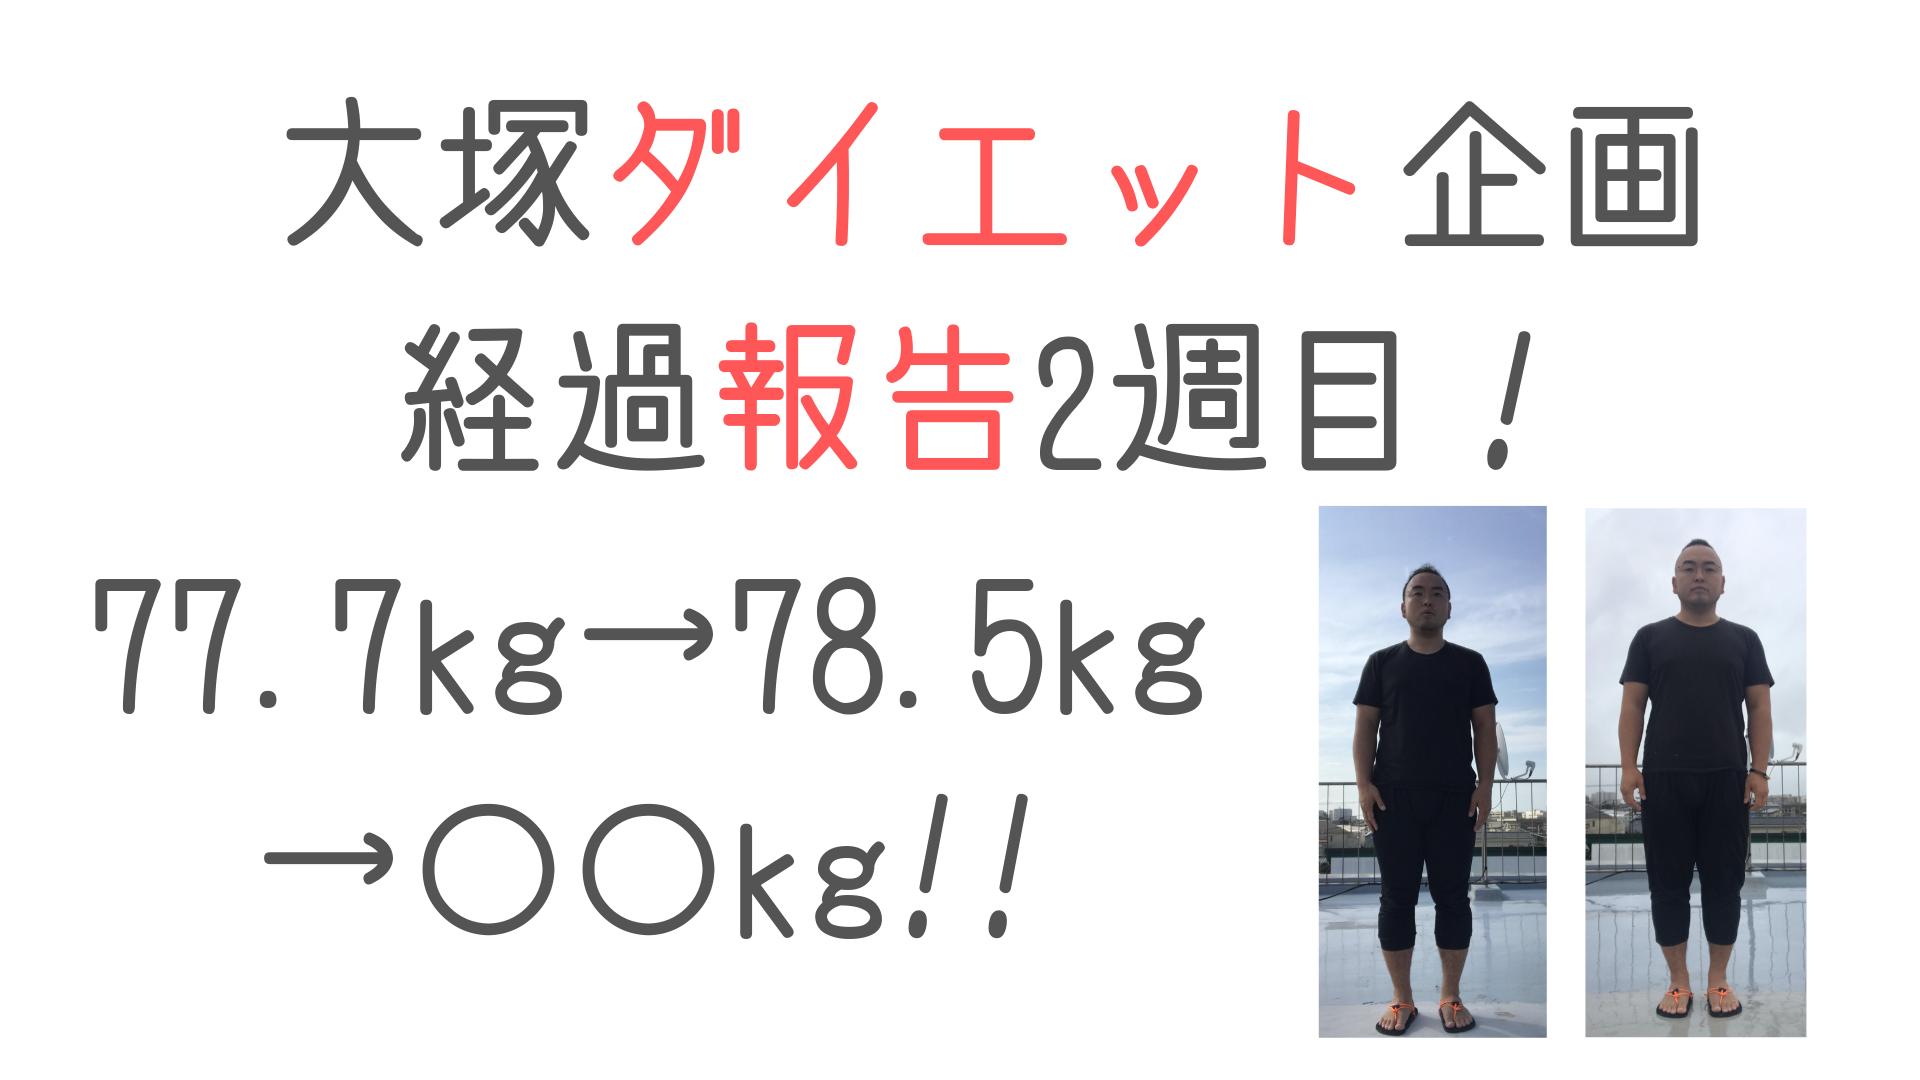 大塚ダイエット企画 〜経過報告2週目〜